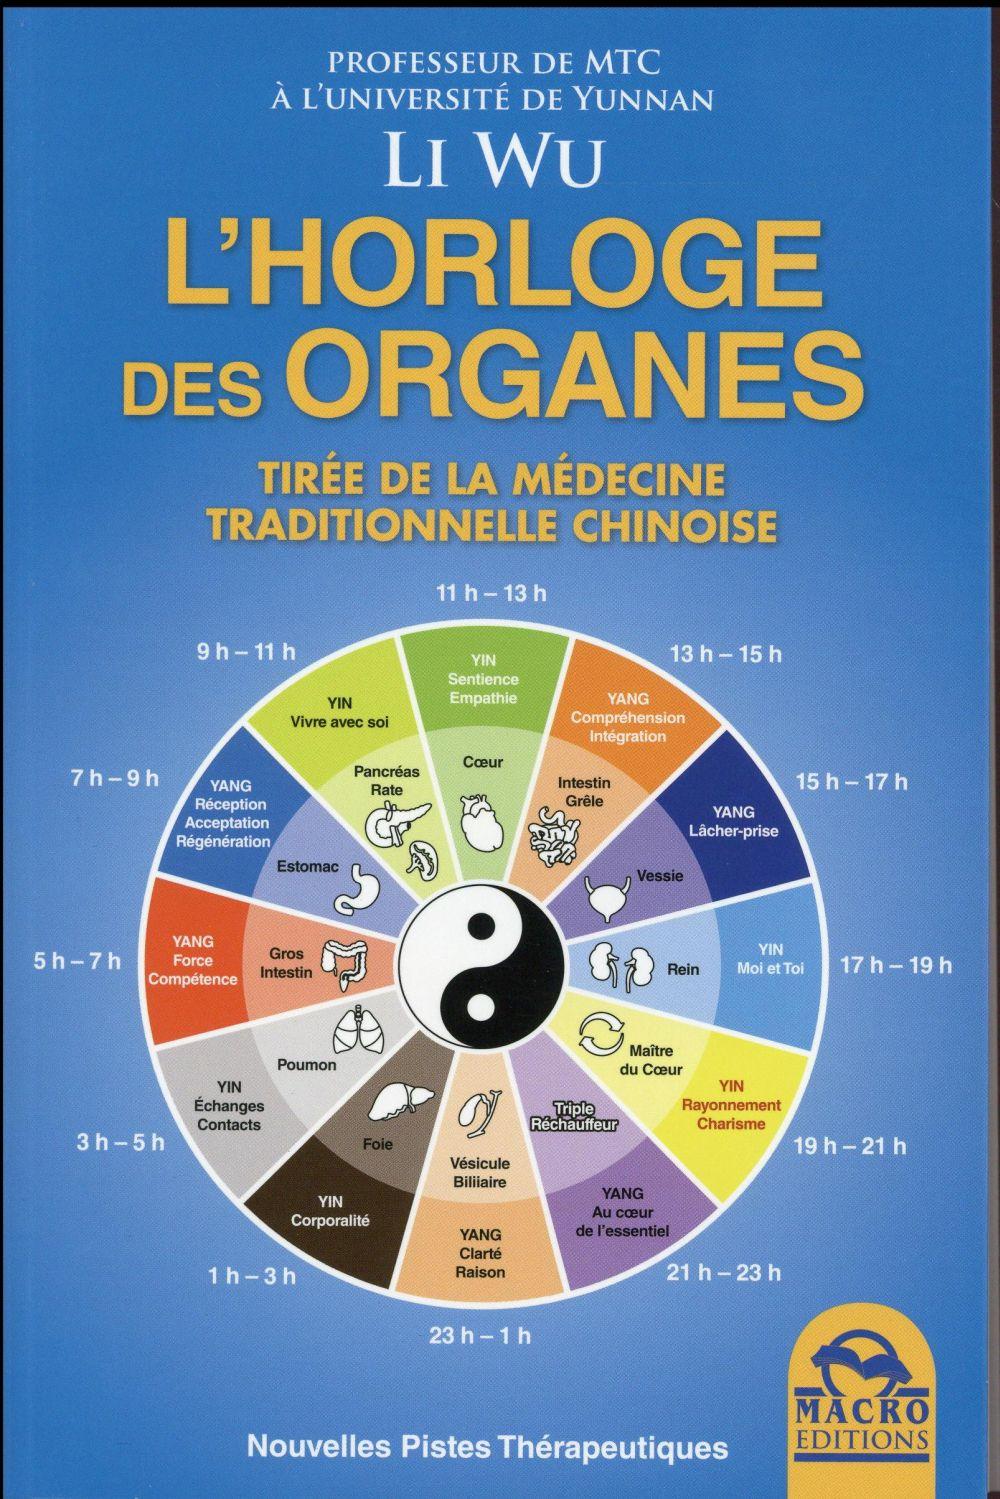 L HORLOGE DES ORGANES  TIREE DE LA MEDICINE TRADITIONNELLE CHINOISE - TIREE DE LA MEDECINE TRADITION